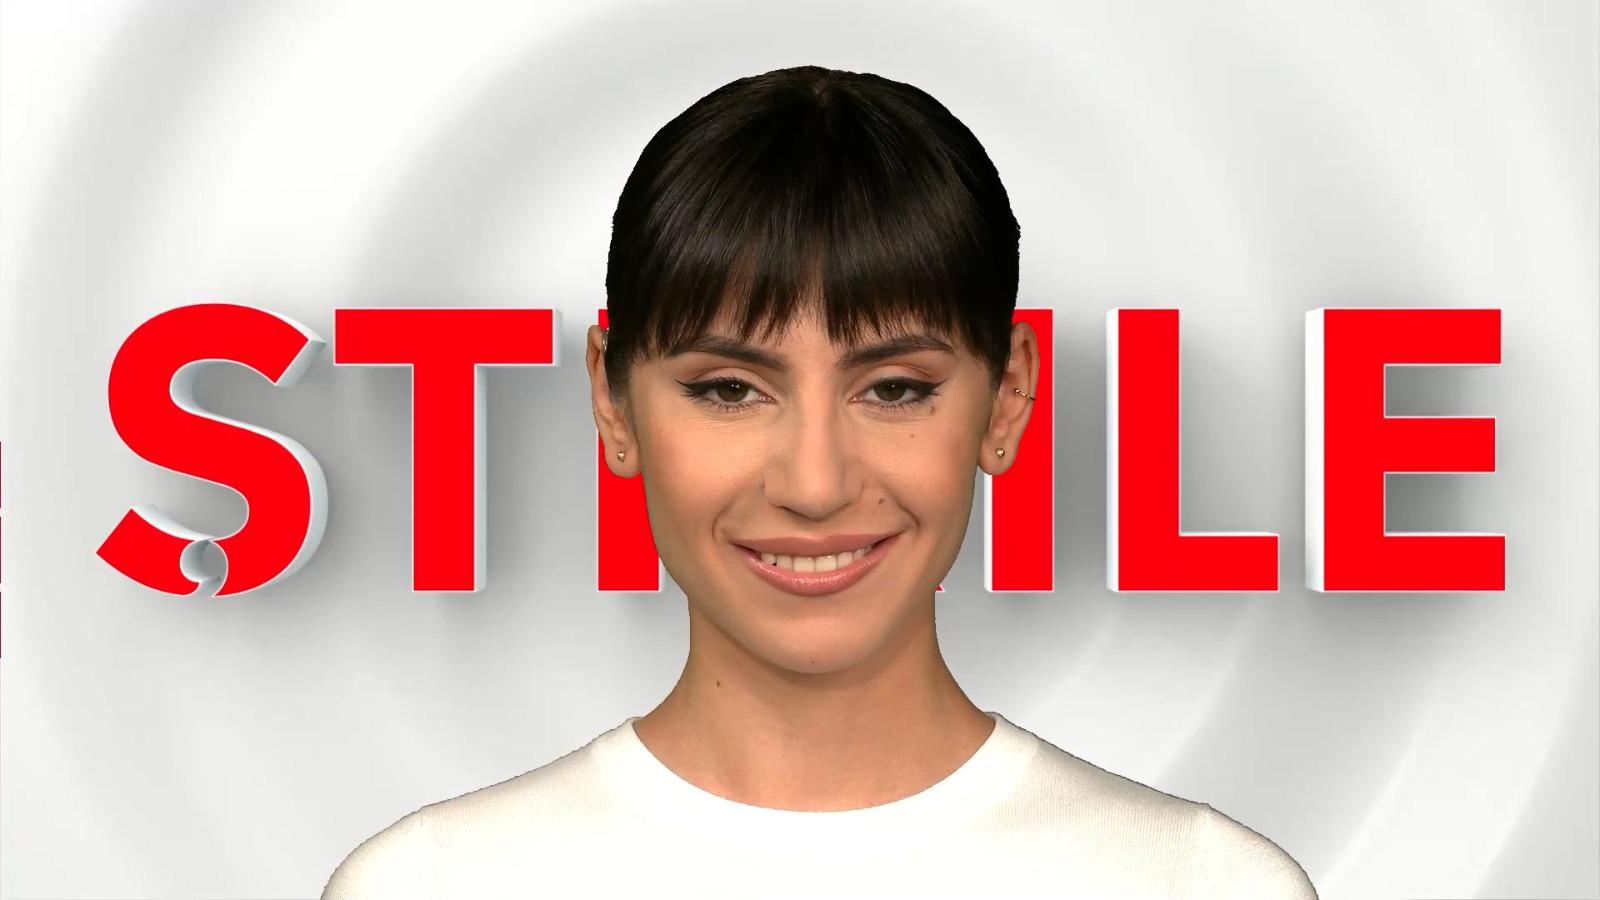 Știrile de la ora 16:00, prezentate de Tamara Ceaicovschi, 23 septembrie 2021